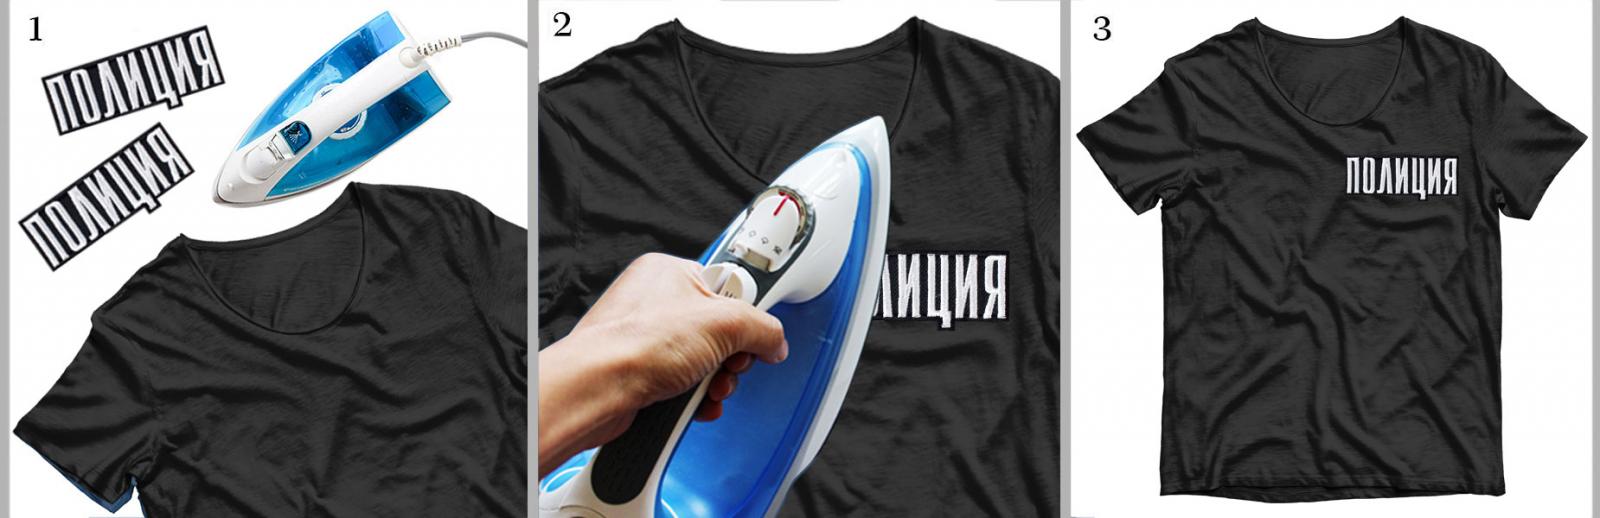 Купить нашивку полиции универсальную для футболок